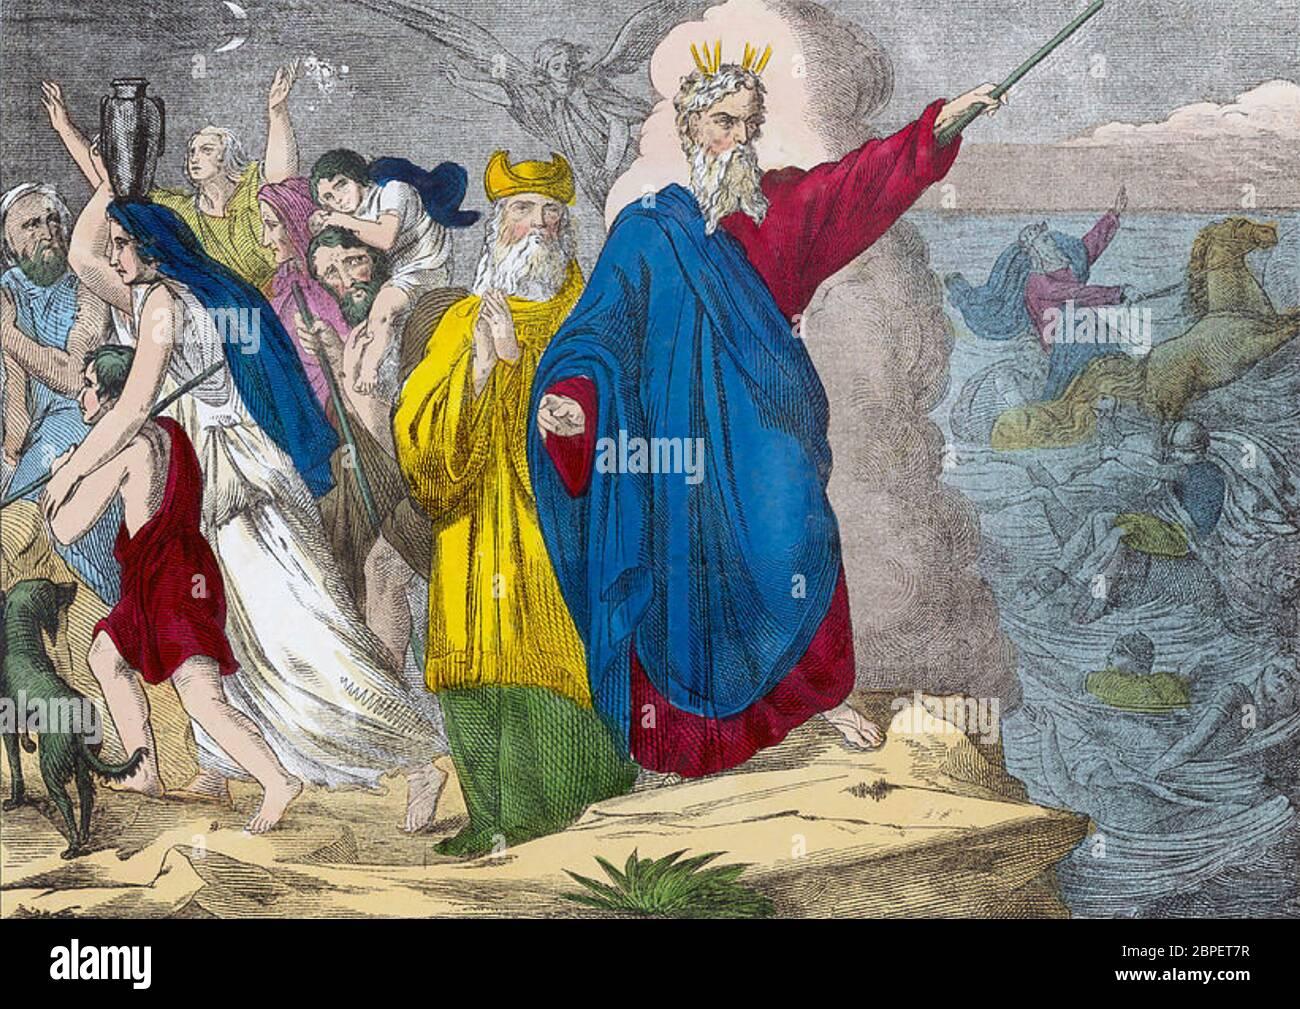 TRONÇONNAGE DE LA MER ROUGE dans une gravure du XVIIIe siècle Banque D'Images